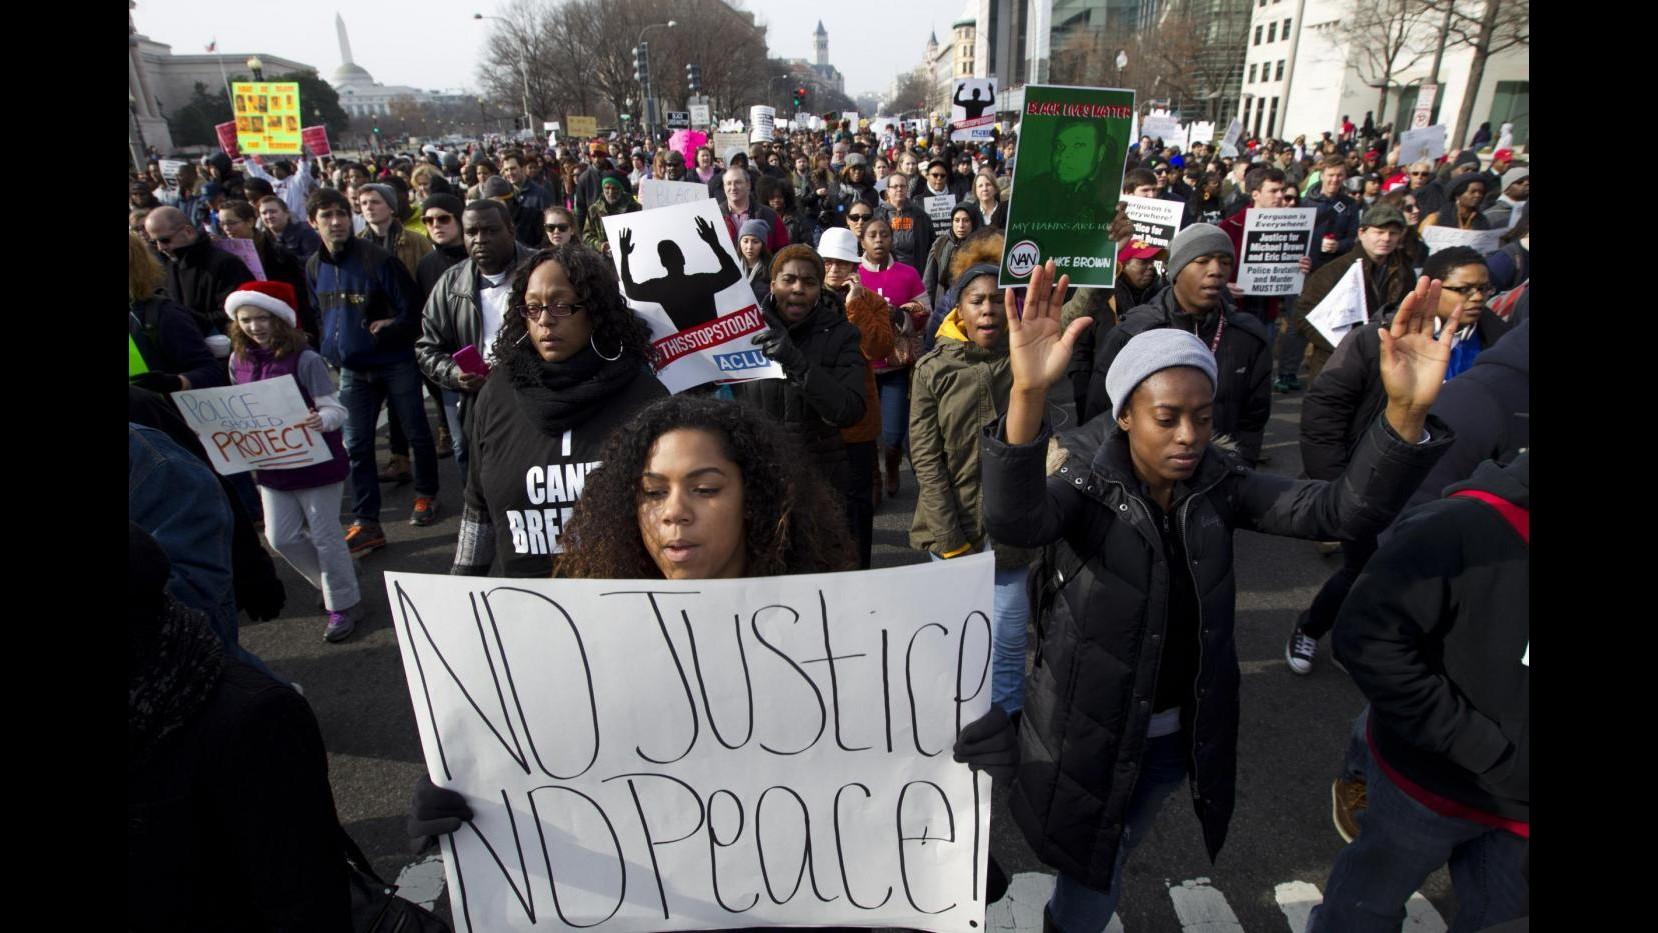 Usa, famiglia Brown condanna uccisione agenti NY: Lavoriamo per pace